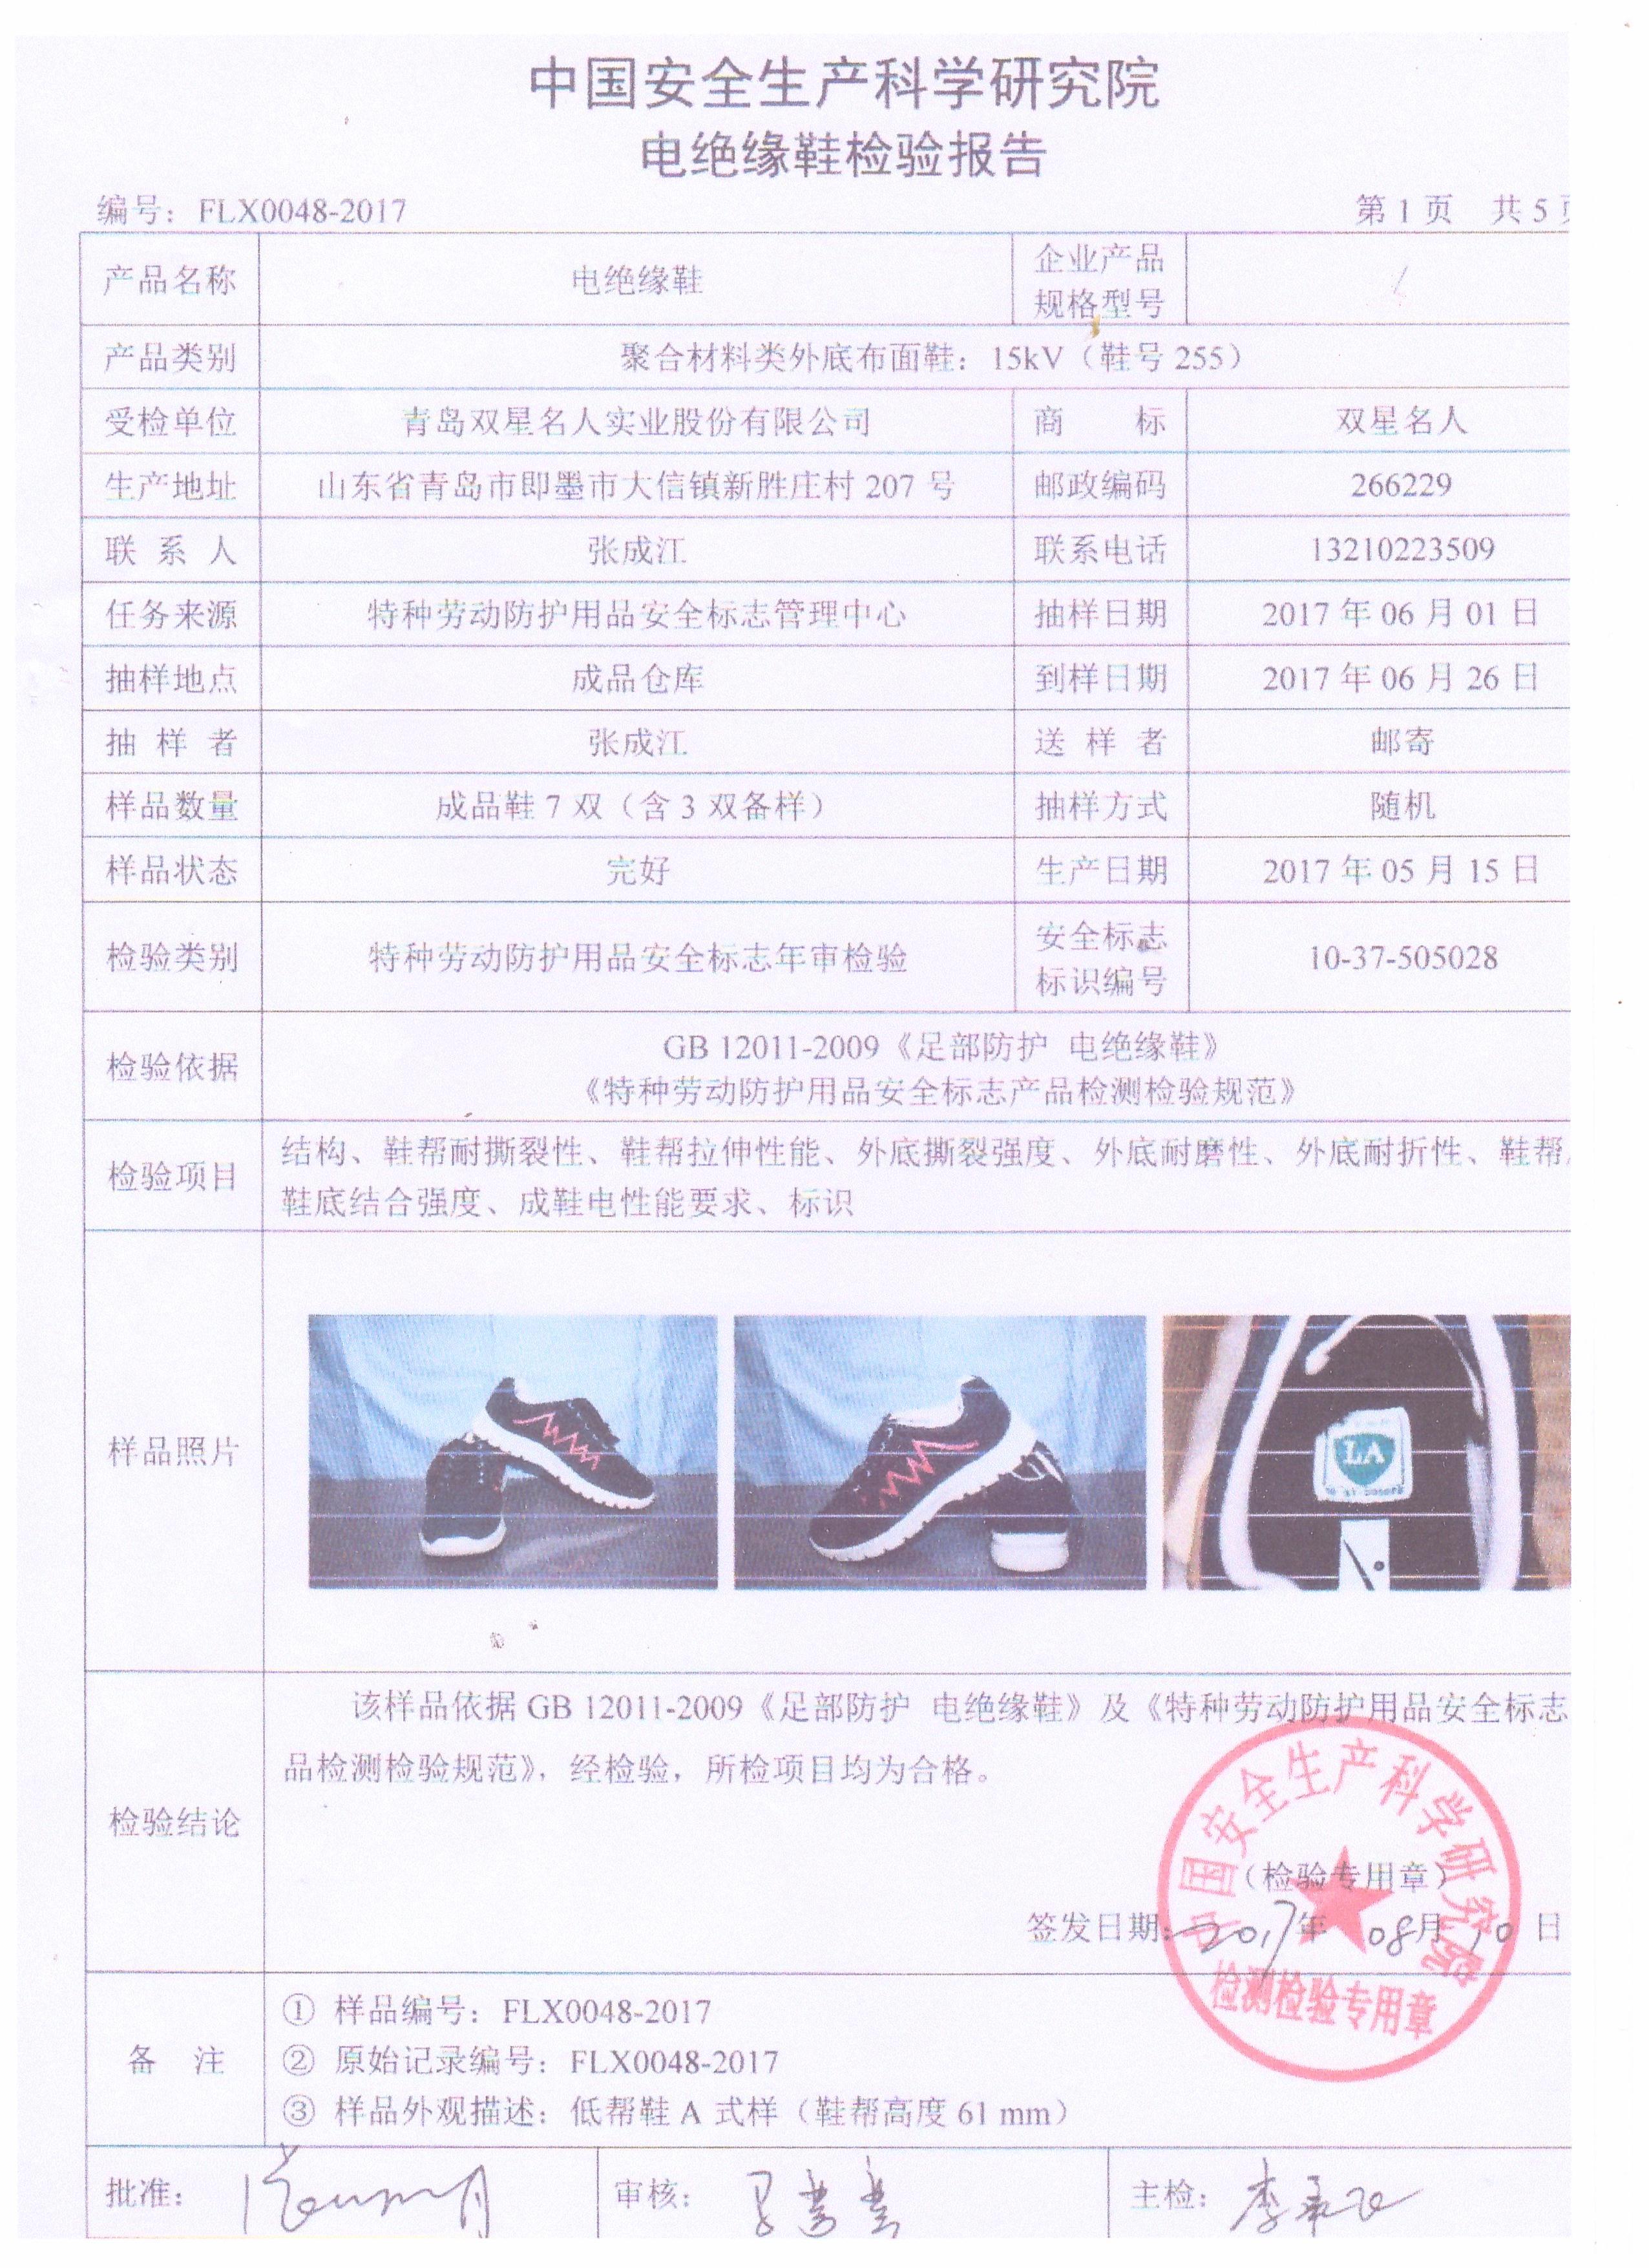 双星电工鞋绝缘鞋男轻便工作鞋高压安全静电工专用鞋详细照片